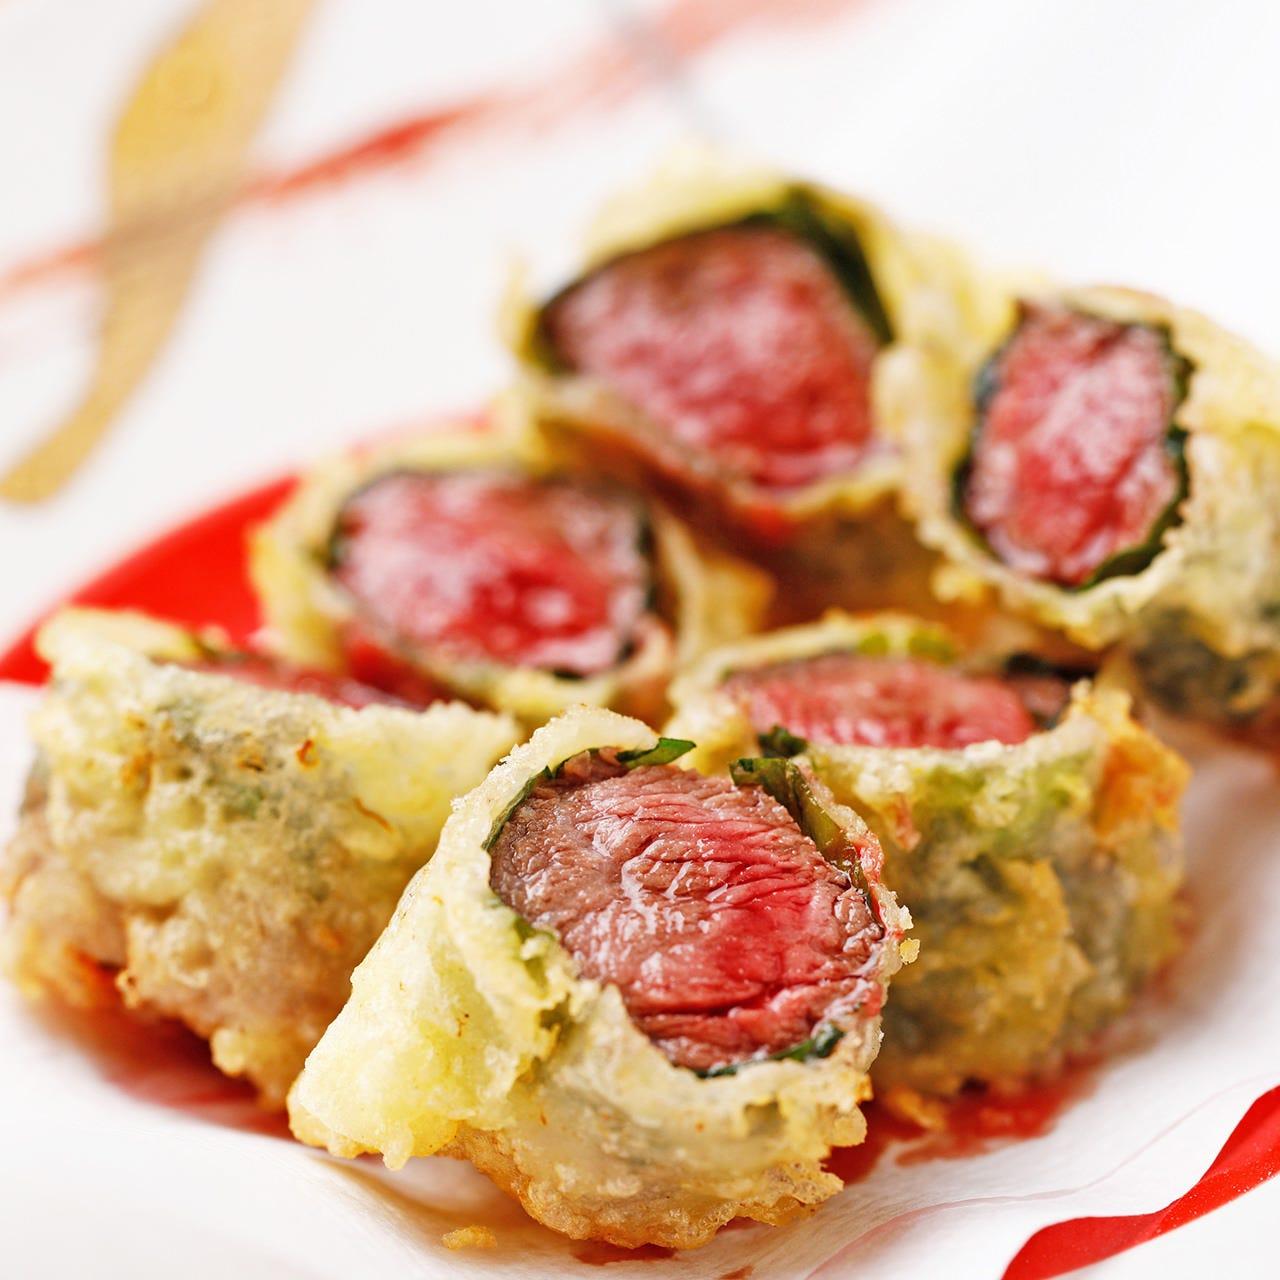 各地の厳選食材を使用した天ぷら